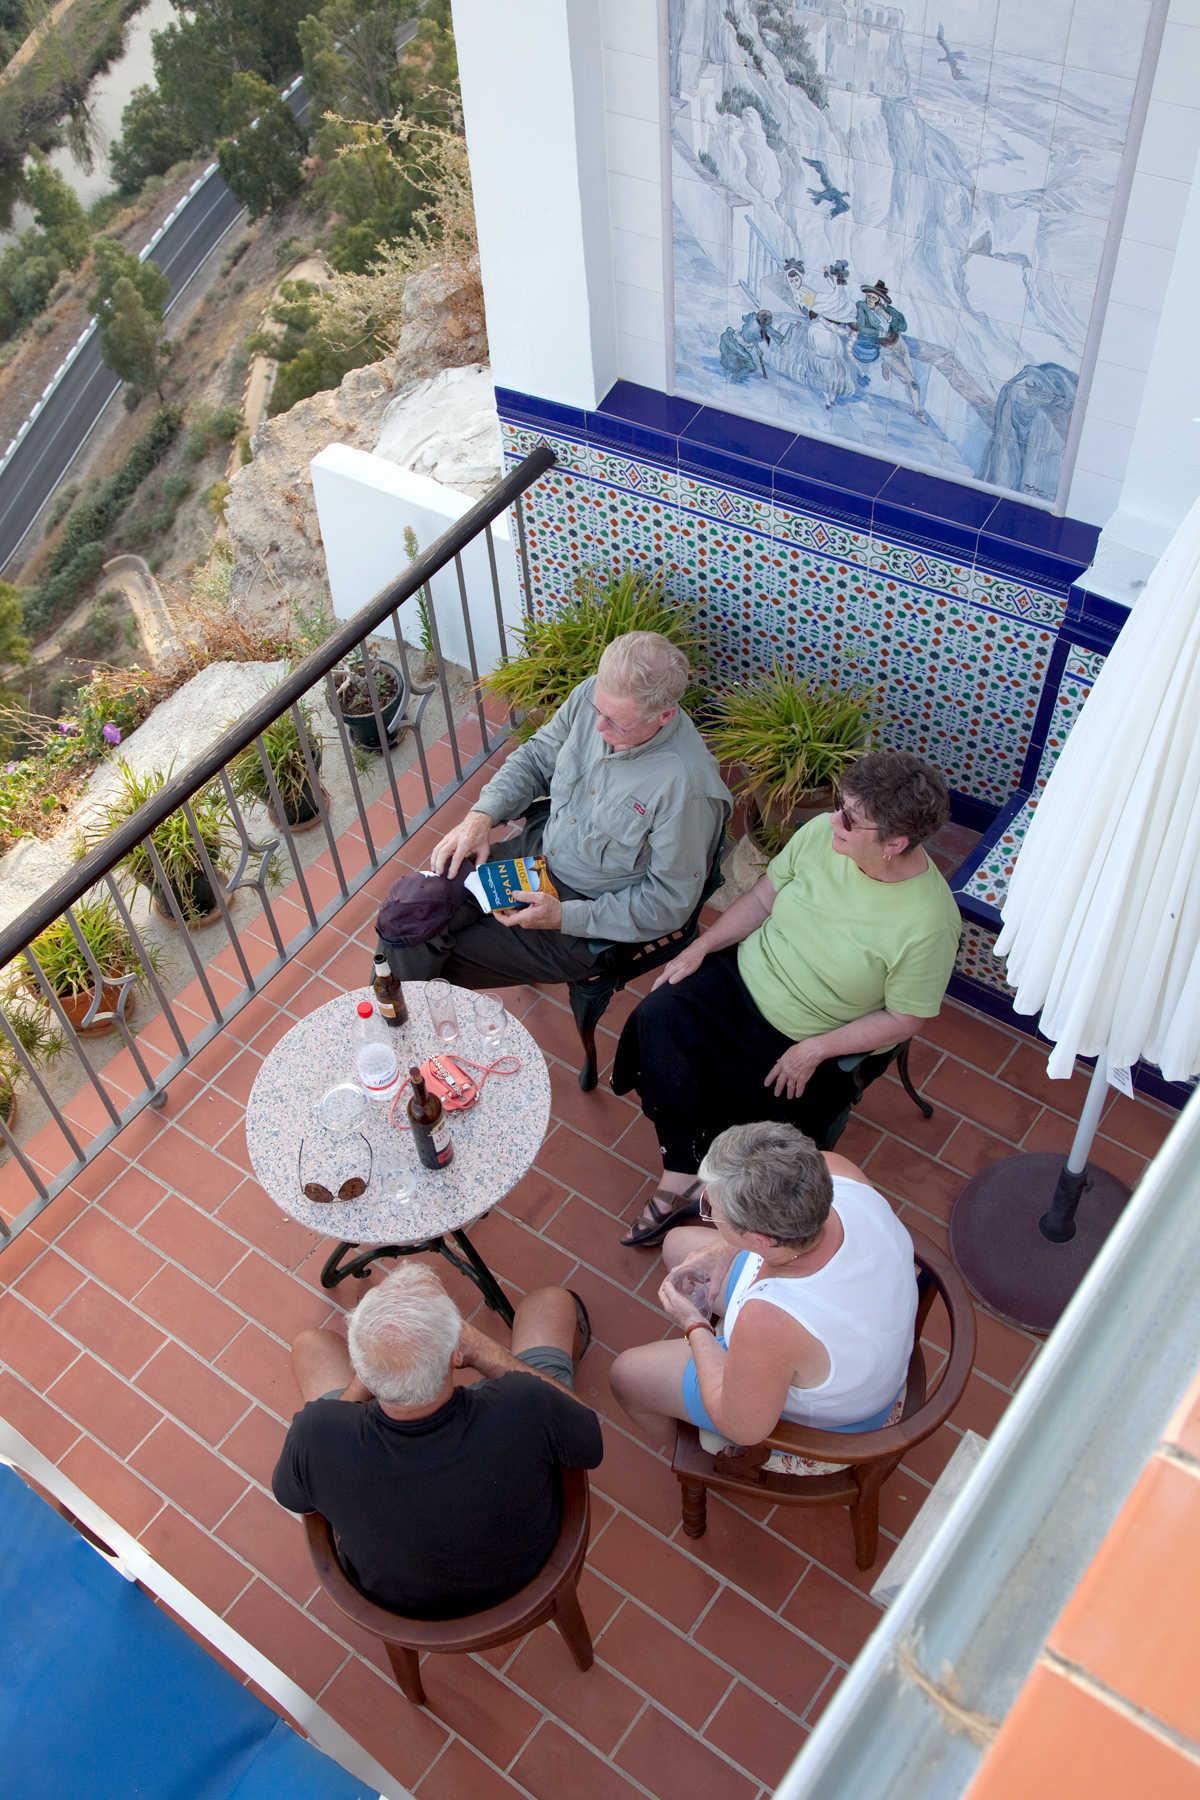 Путешественники на квартиру Патио, Аркос-де-ла-Фронтера, Андалусия, Испания